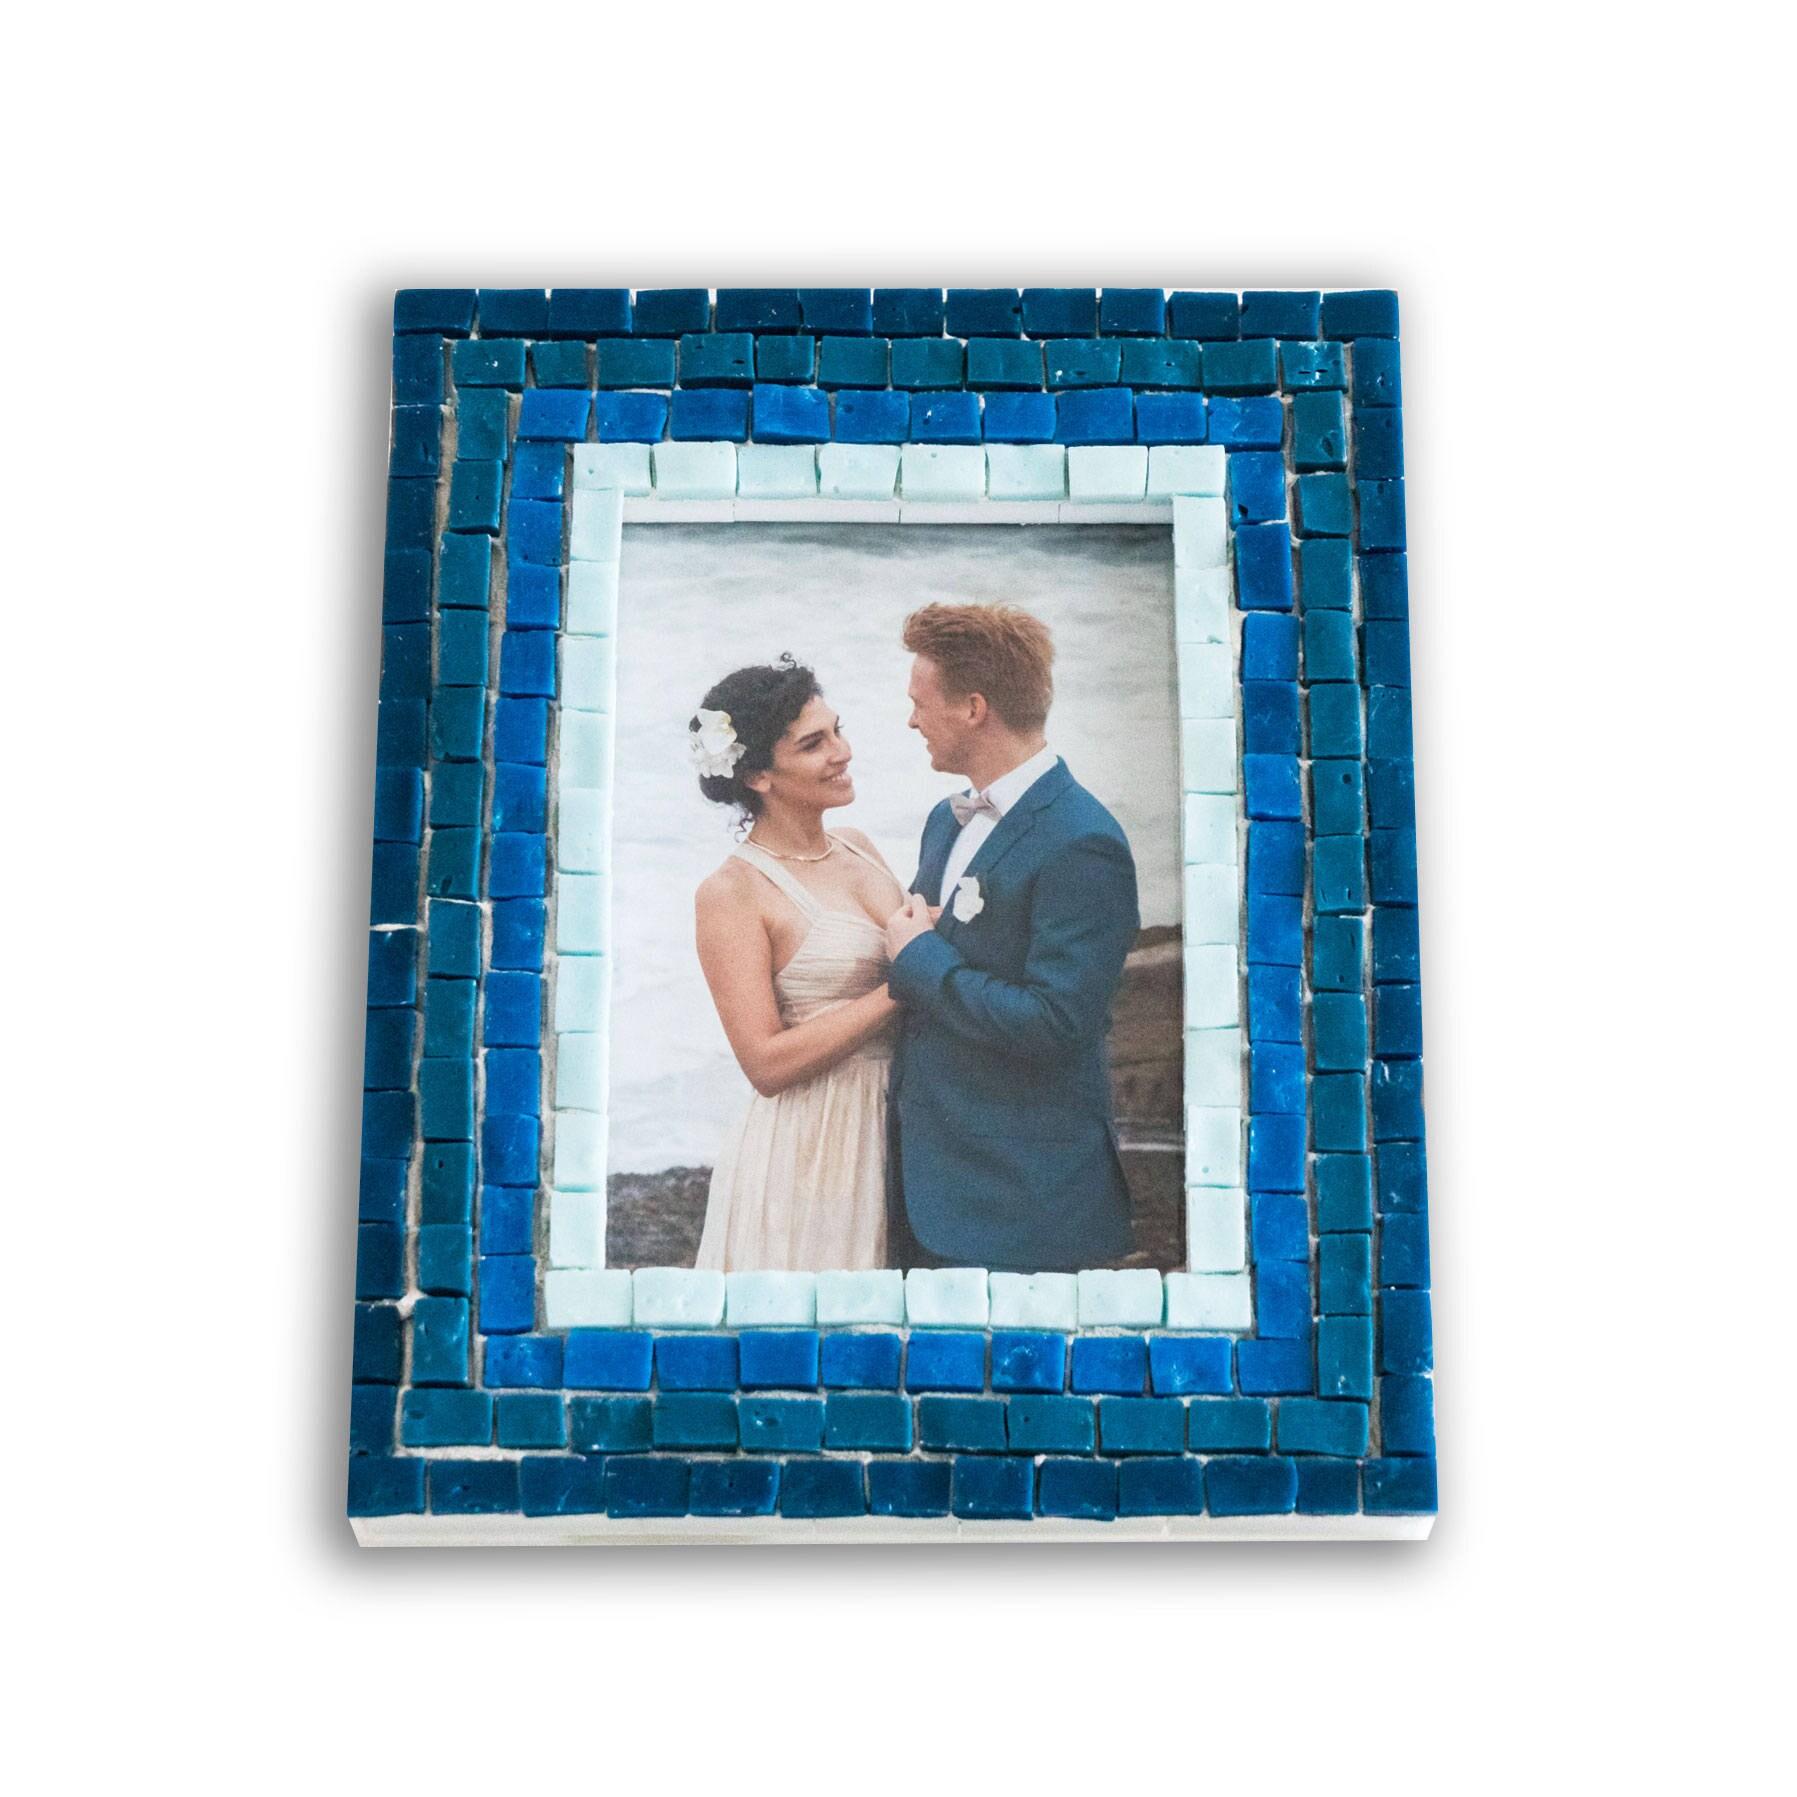 5 x 7 Bilderrahmen in blauem Glasfliesen blau